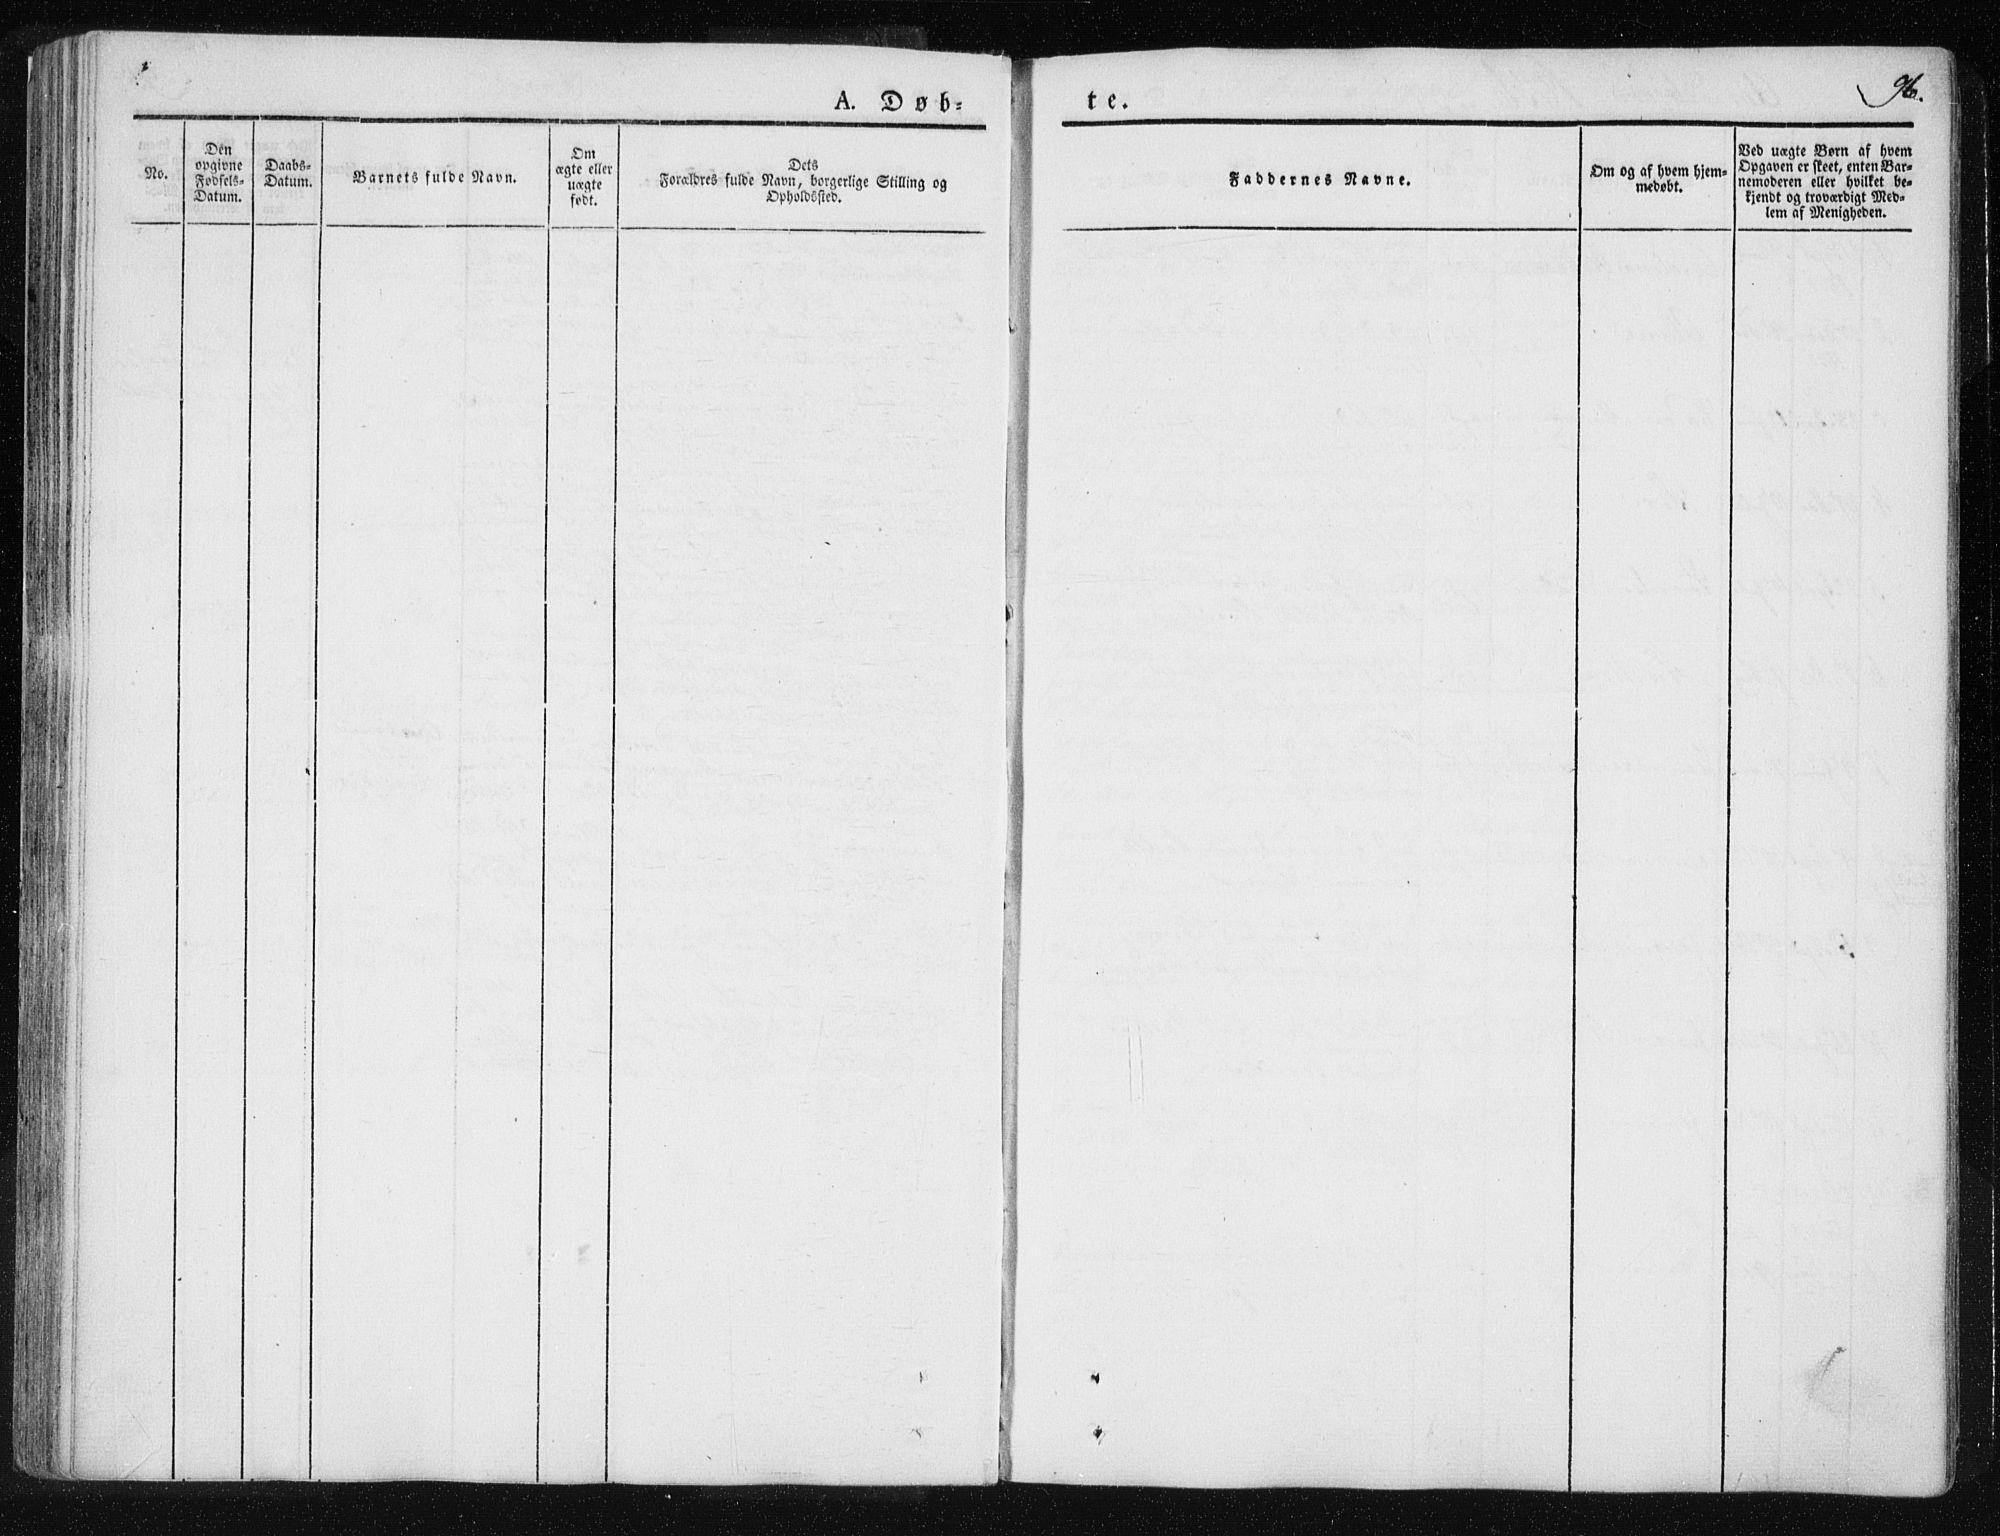 SAT, Ministerialprotokoller, klokkerbøker og fødselsregistre - Nord-Trøndelag, 735/L0339: Ministerialbok nr. 735A06 /2, 1836-1848, s. 96